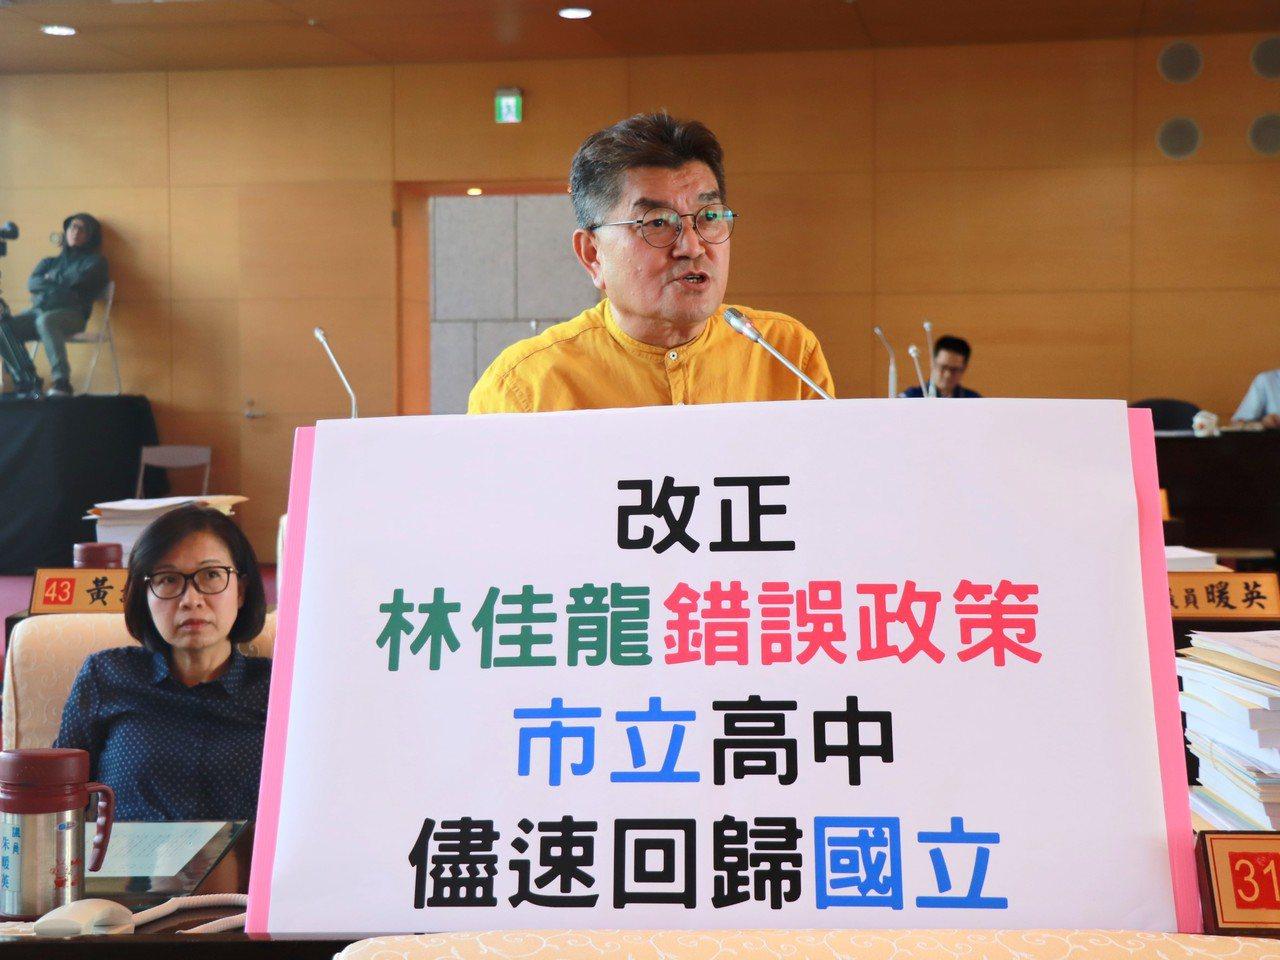 台中市議員李中要求教育局向中央反映,收回高中職。圖/李中提供